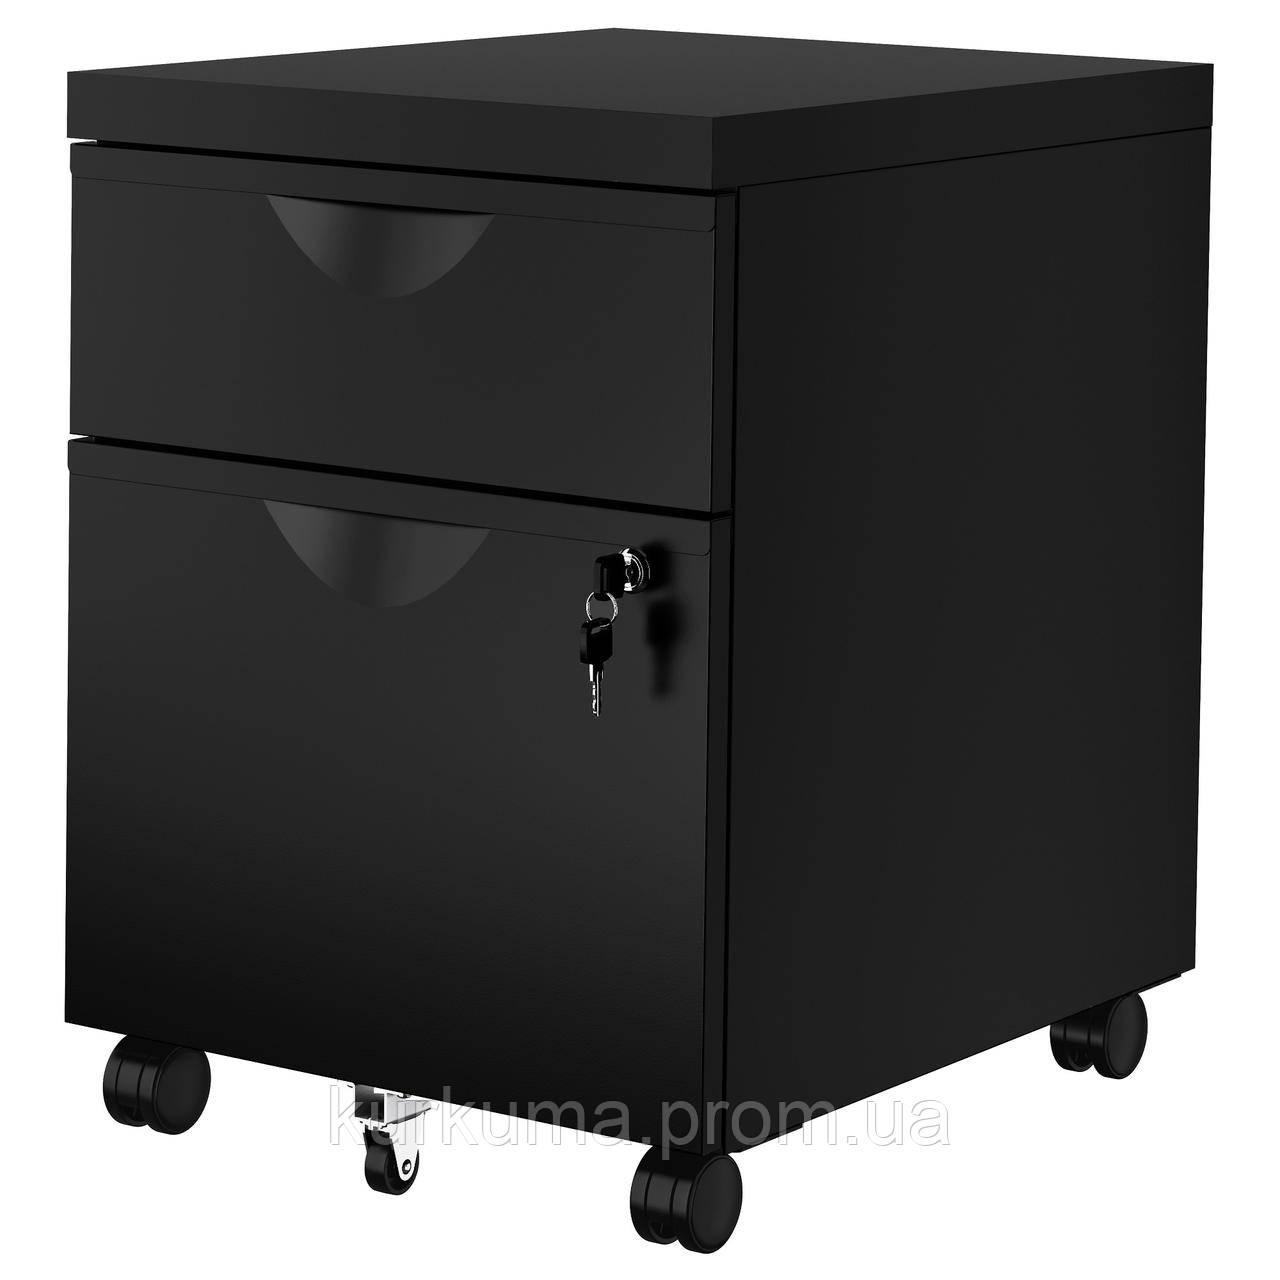 IKEA ERIK Комод с 2 ящиками, черный, 41x57 см (603.410.01)